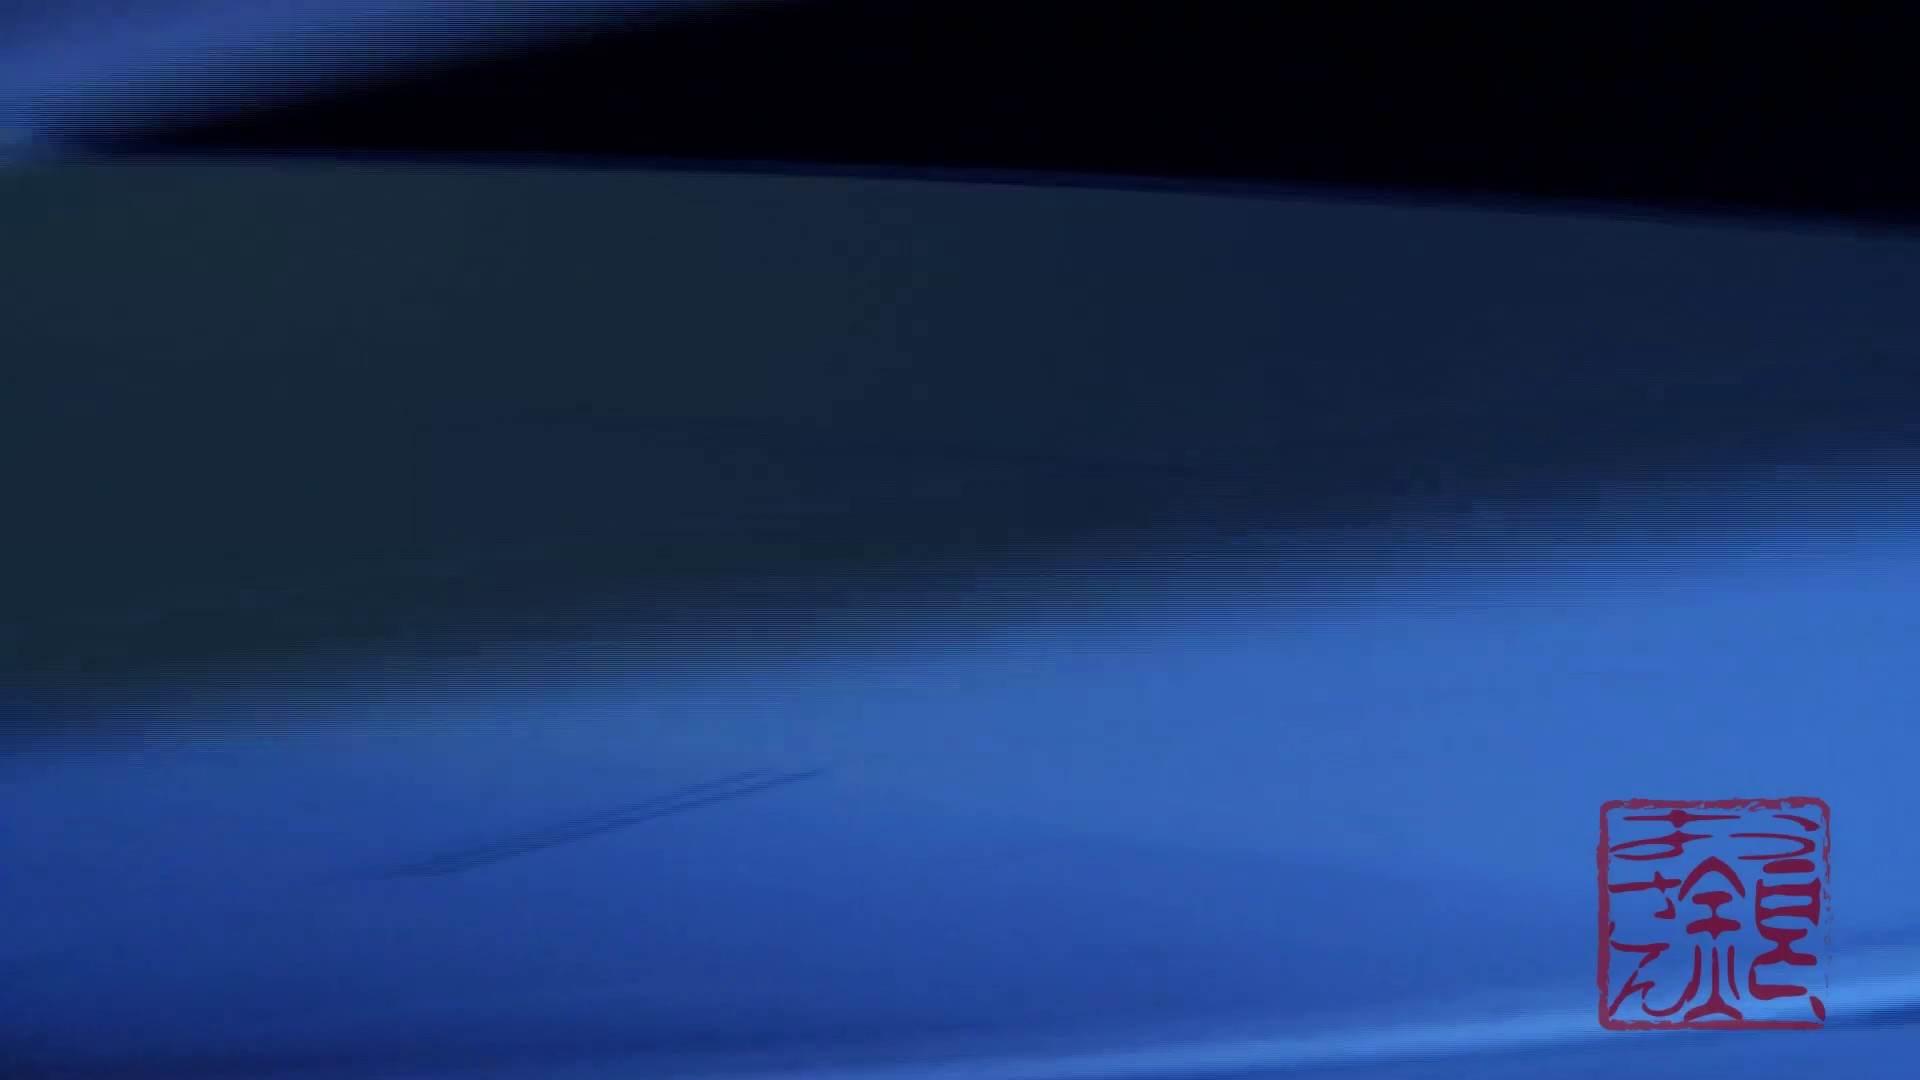 無修正エロ動画|お銀 vol.81 必見!久々の美女!そして(・。・;|怪盗ジョーカー